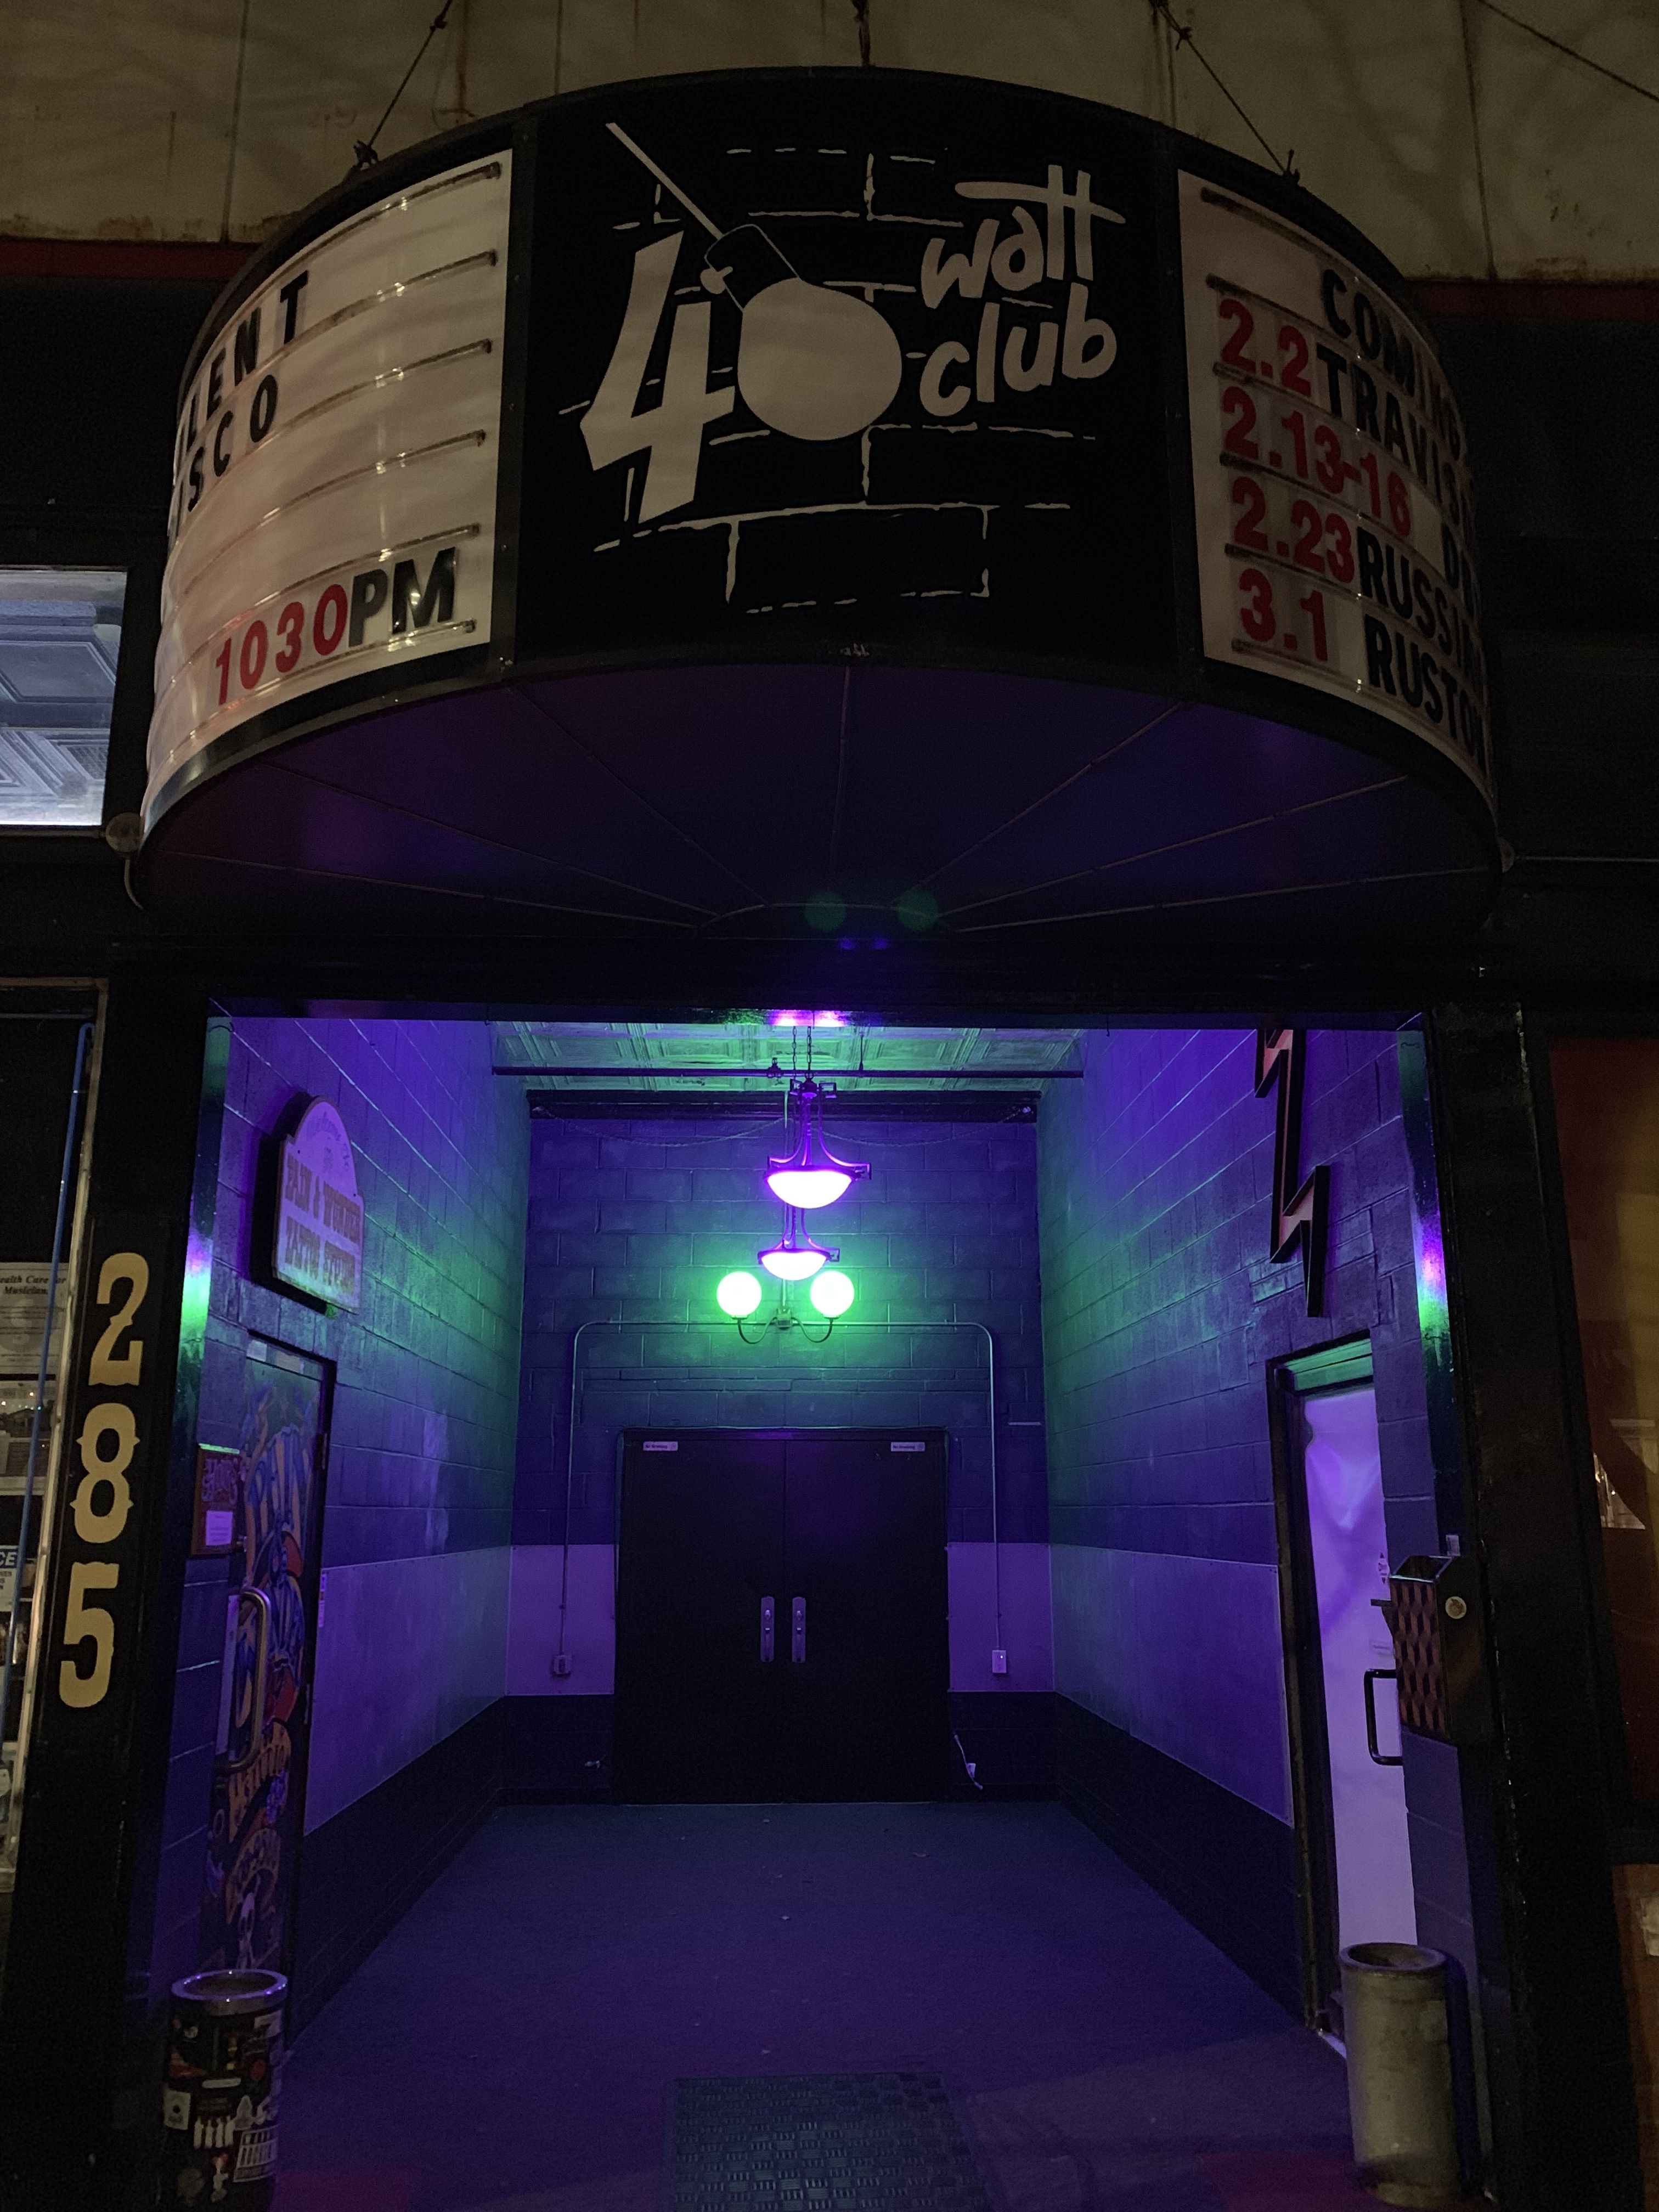 40 watt club athens ga